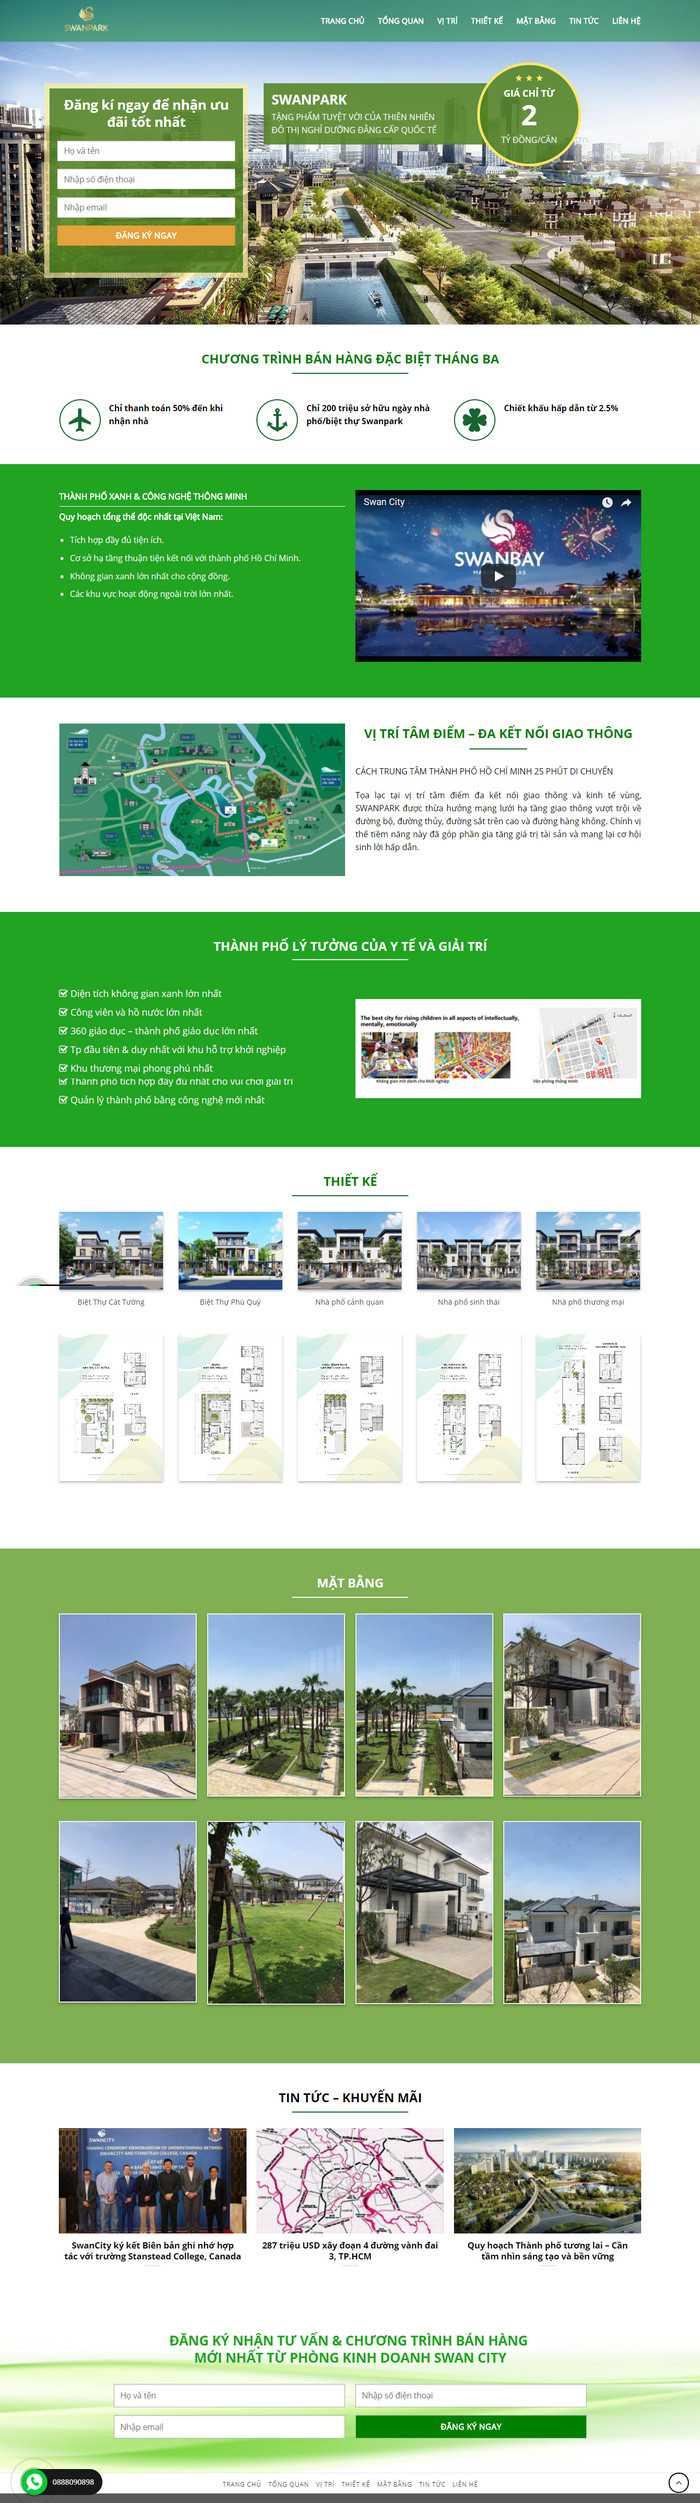 mẫu website bds 1 dự án tuyệt đẹp m38